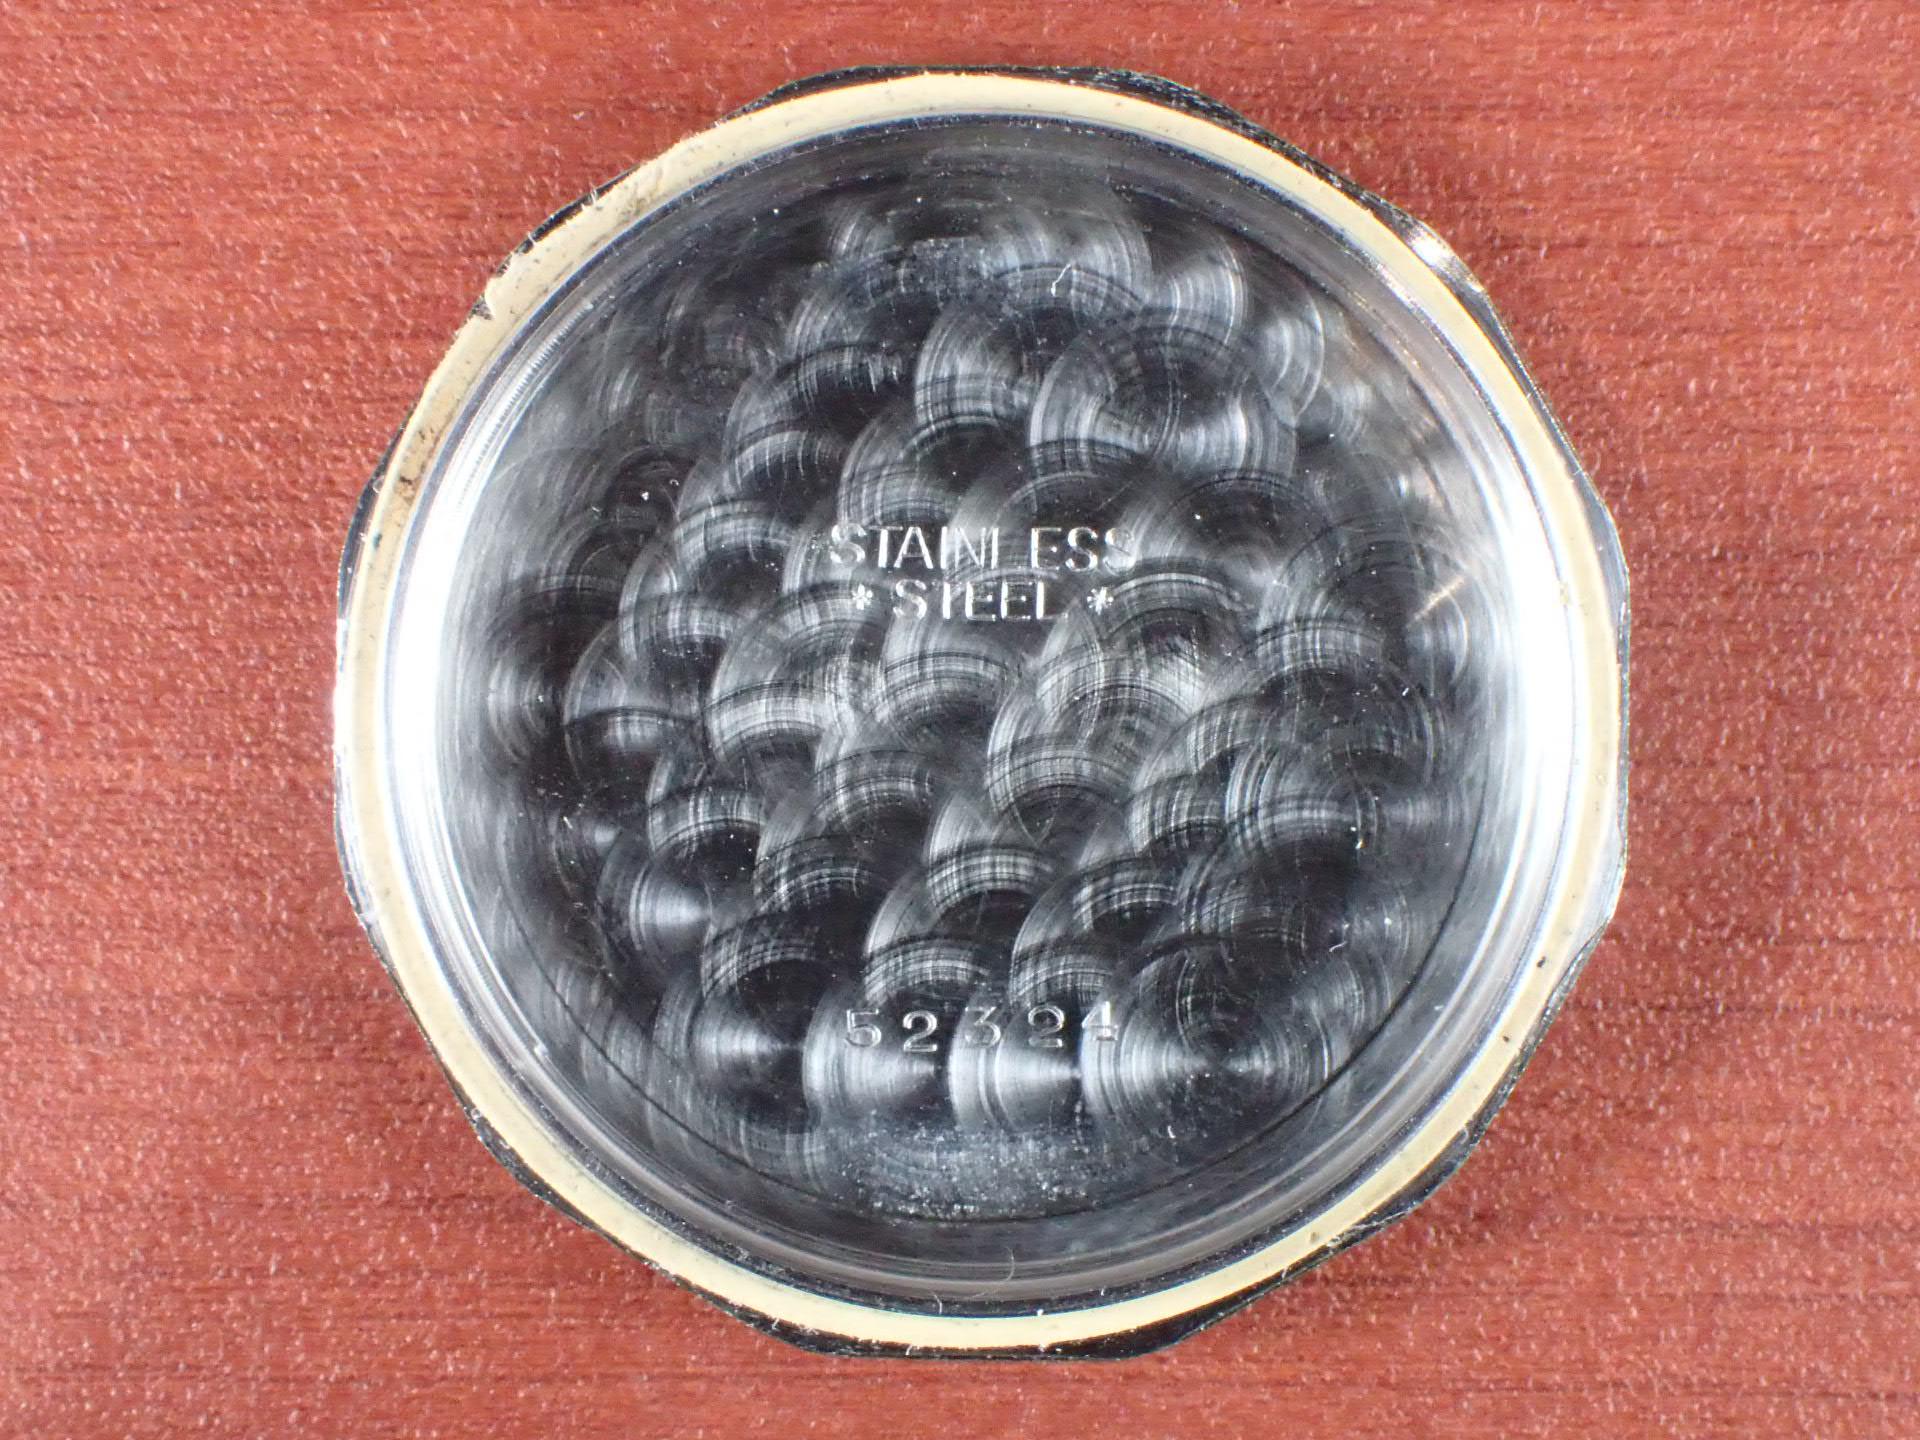 ホイヤー クロノグラフ Cal.ランデロン13 ホワイトダイアル 1940年代の写真6枚目